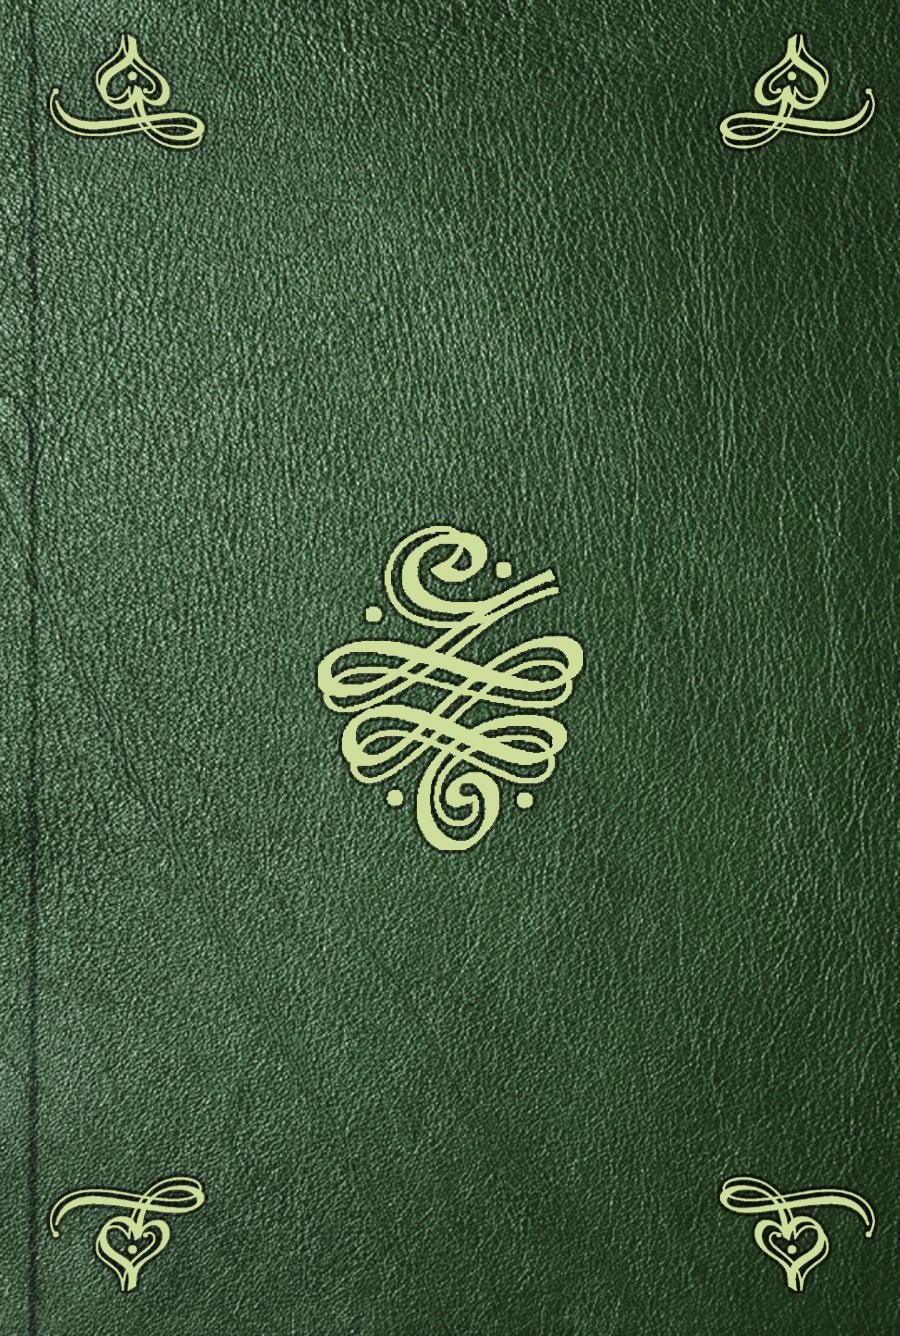 Charles Bonnet Oeuvres d'histoire naturelle et de philosophie. T. 5 charles bonnet oeuvres d histoire naturelle et de philosophie t 16